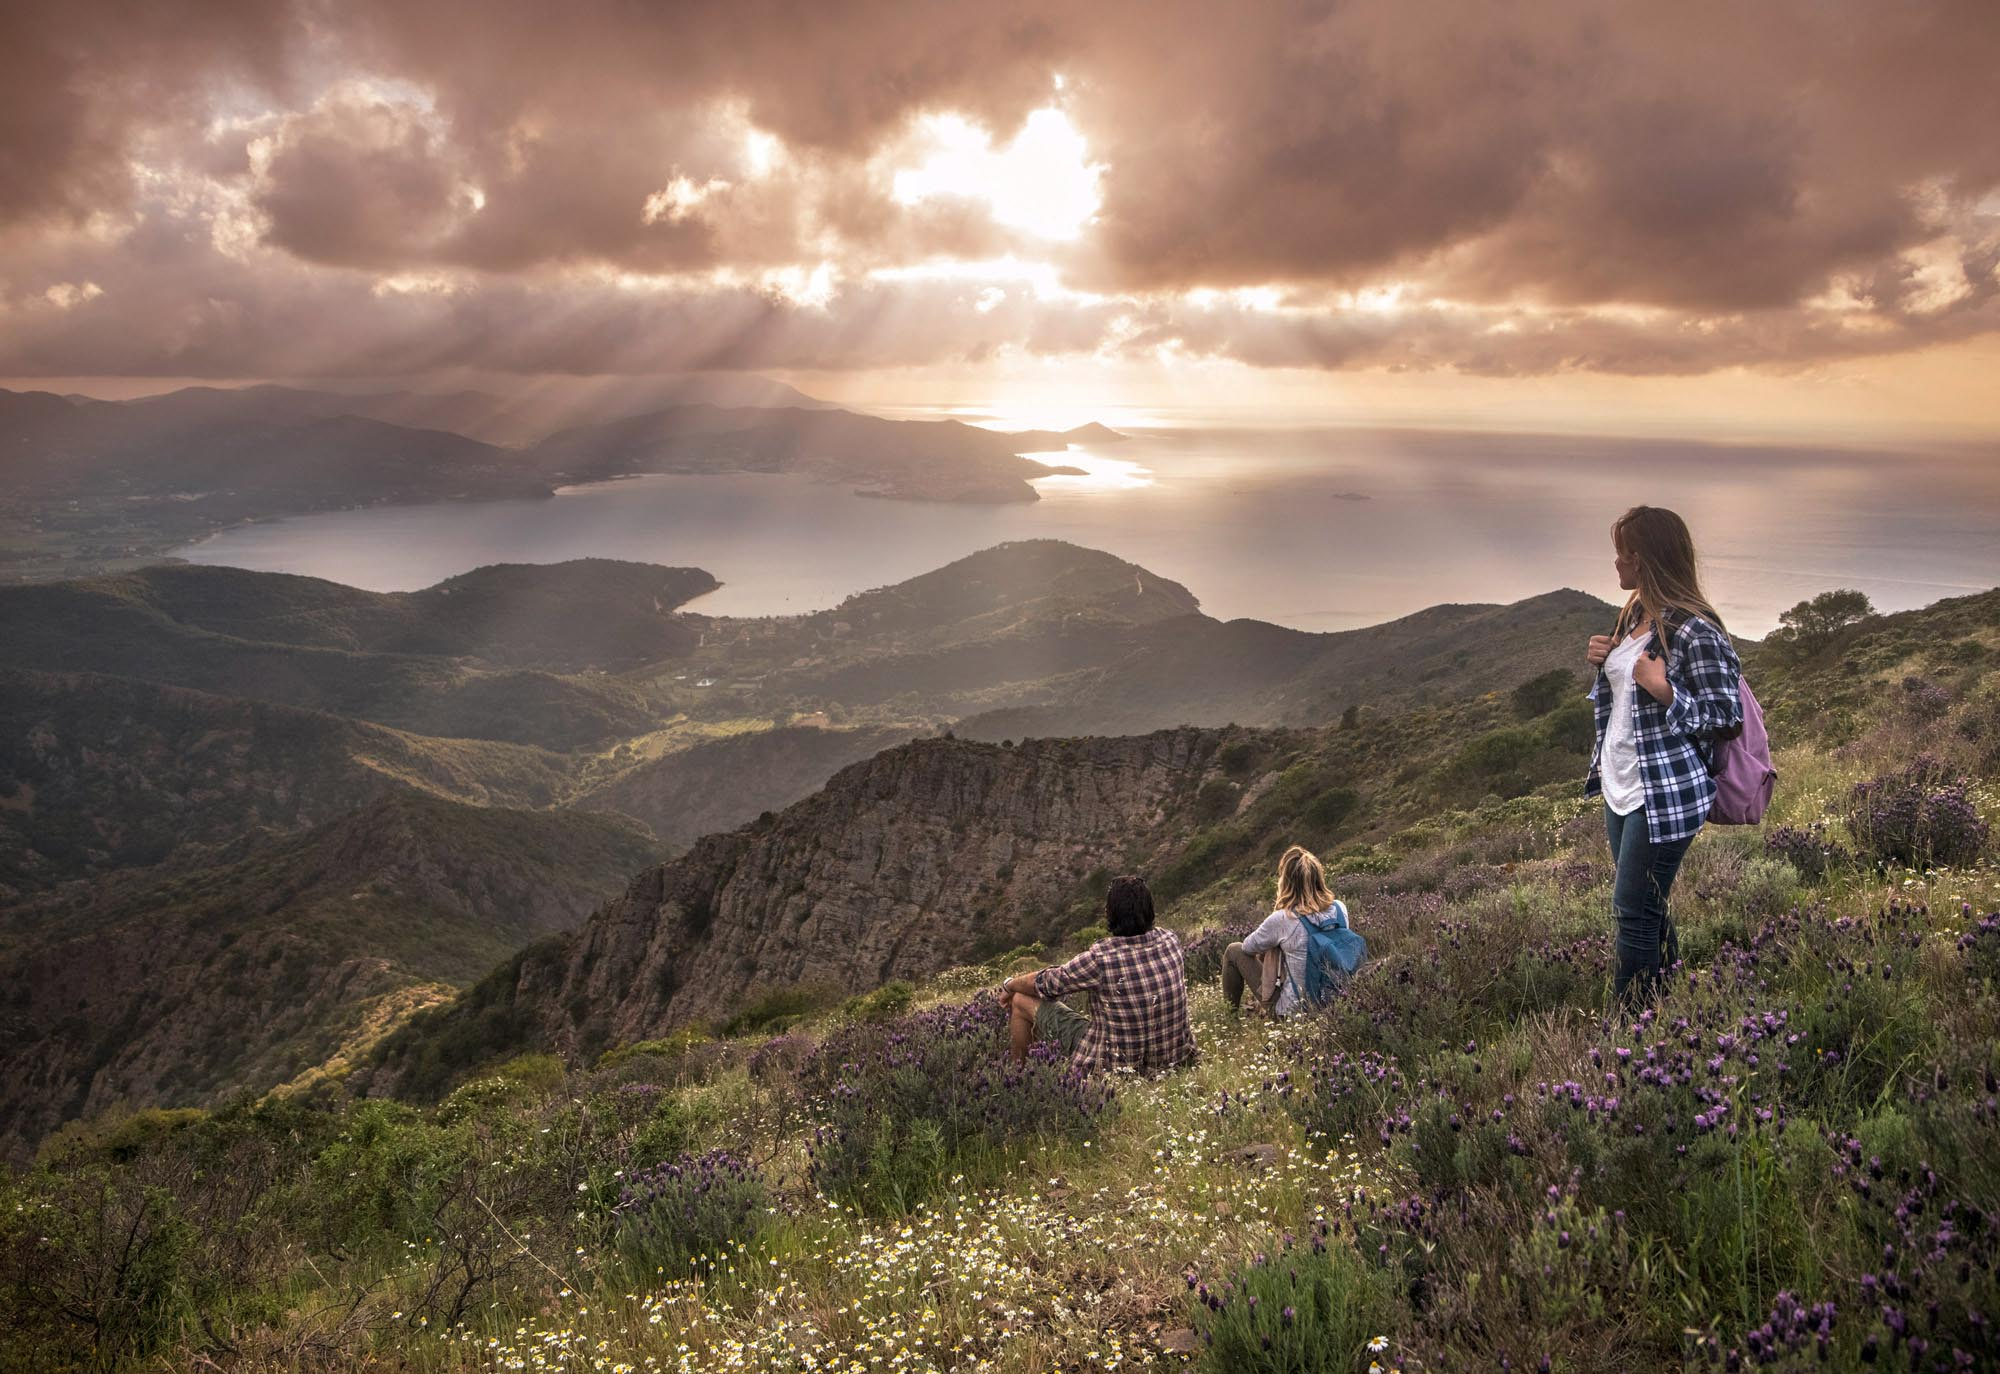 Visit Elba Island Tuscany Tourism Spiritual Trekking